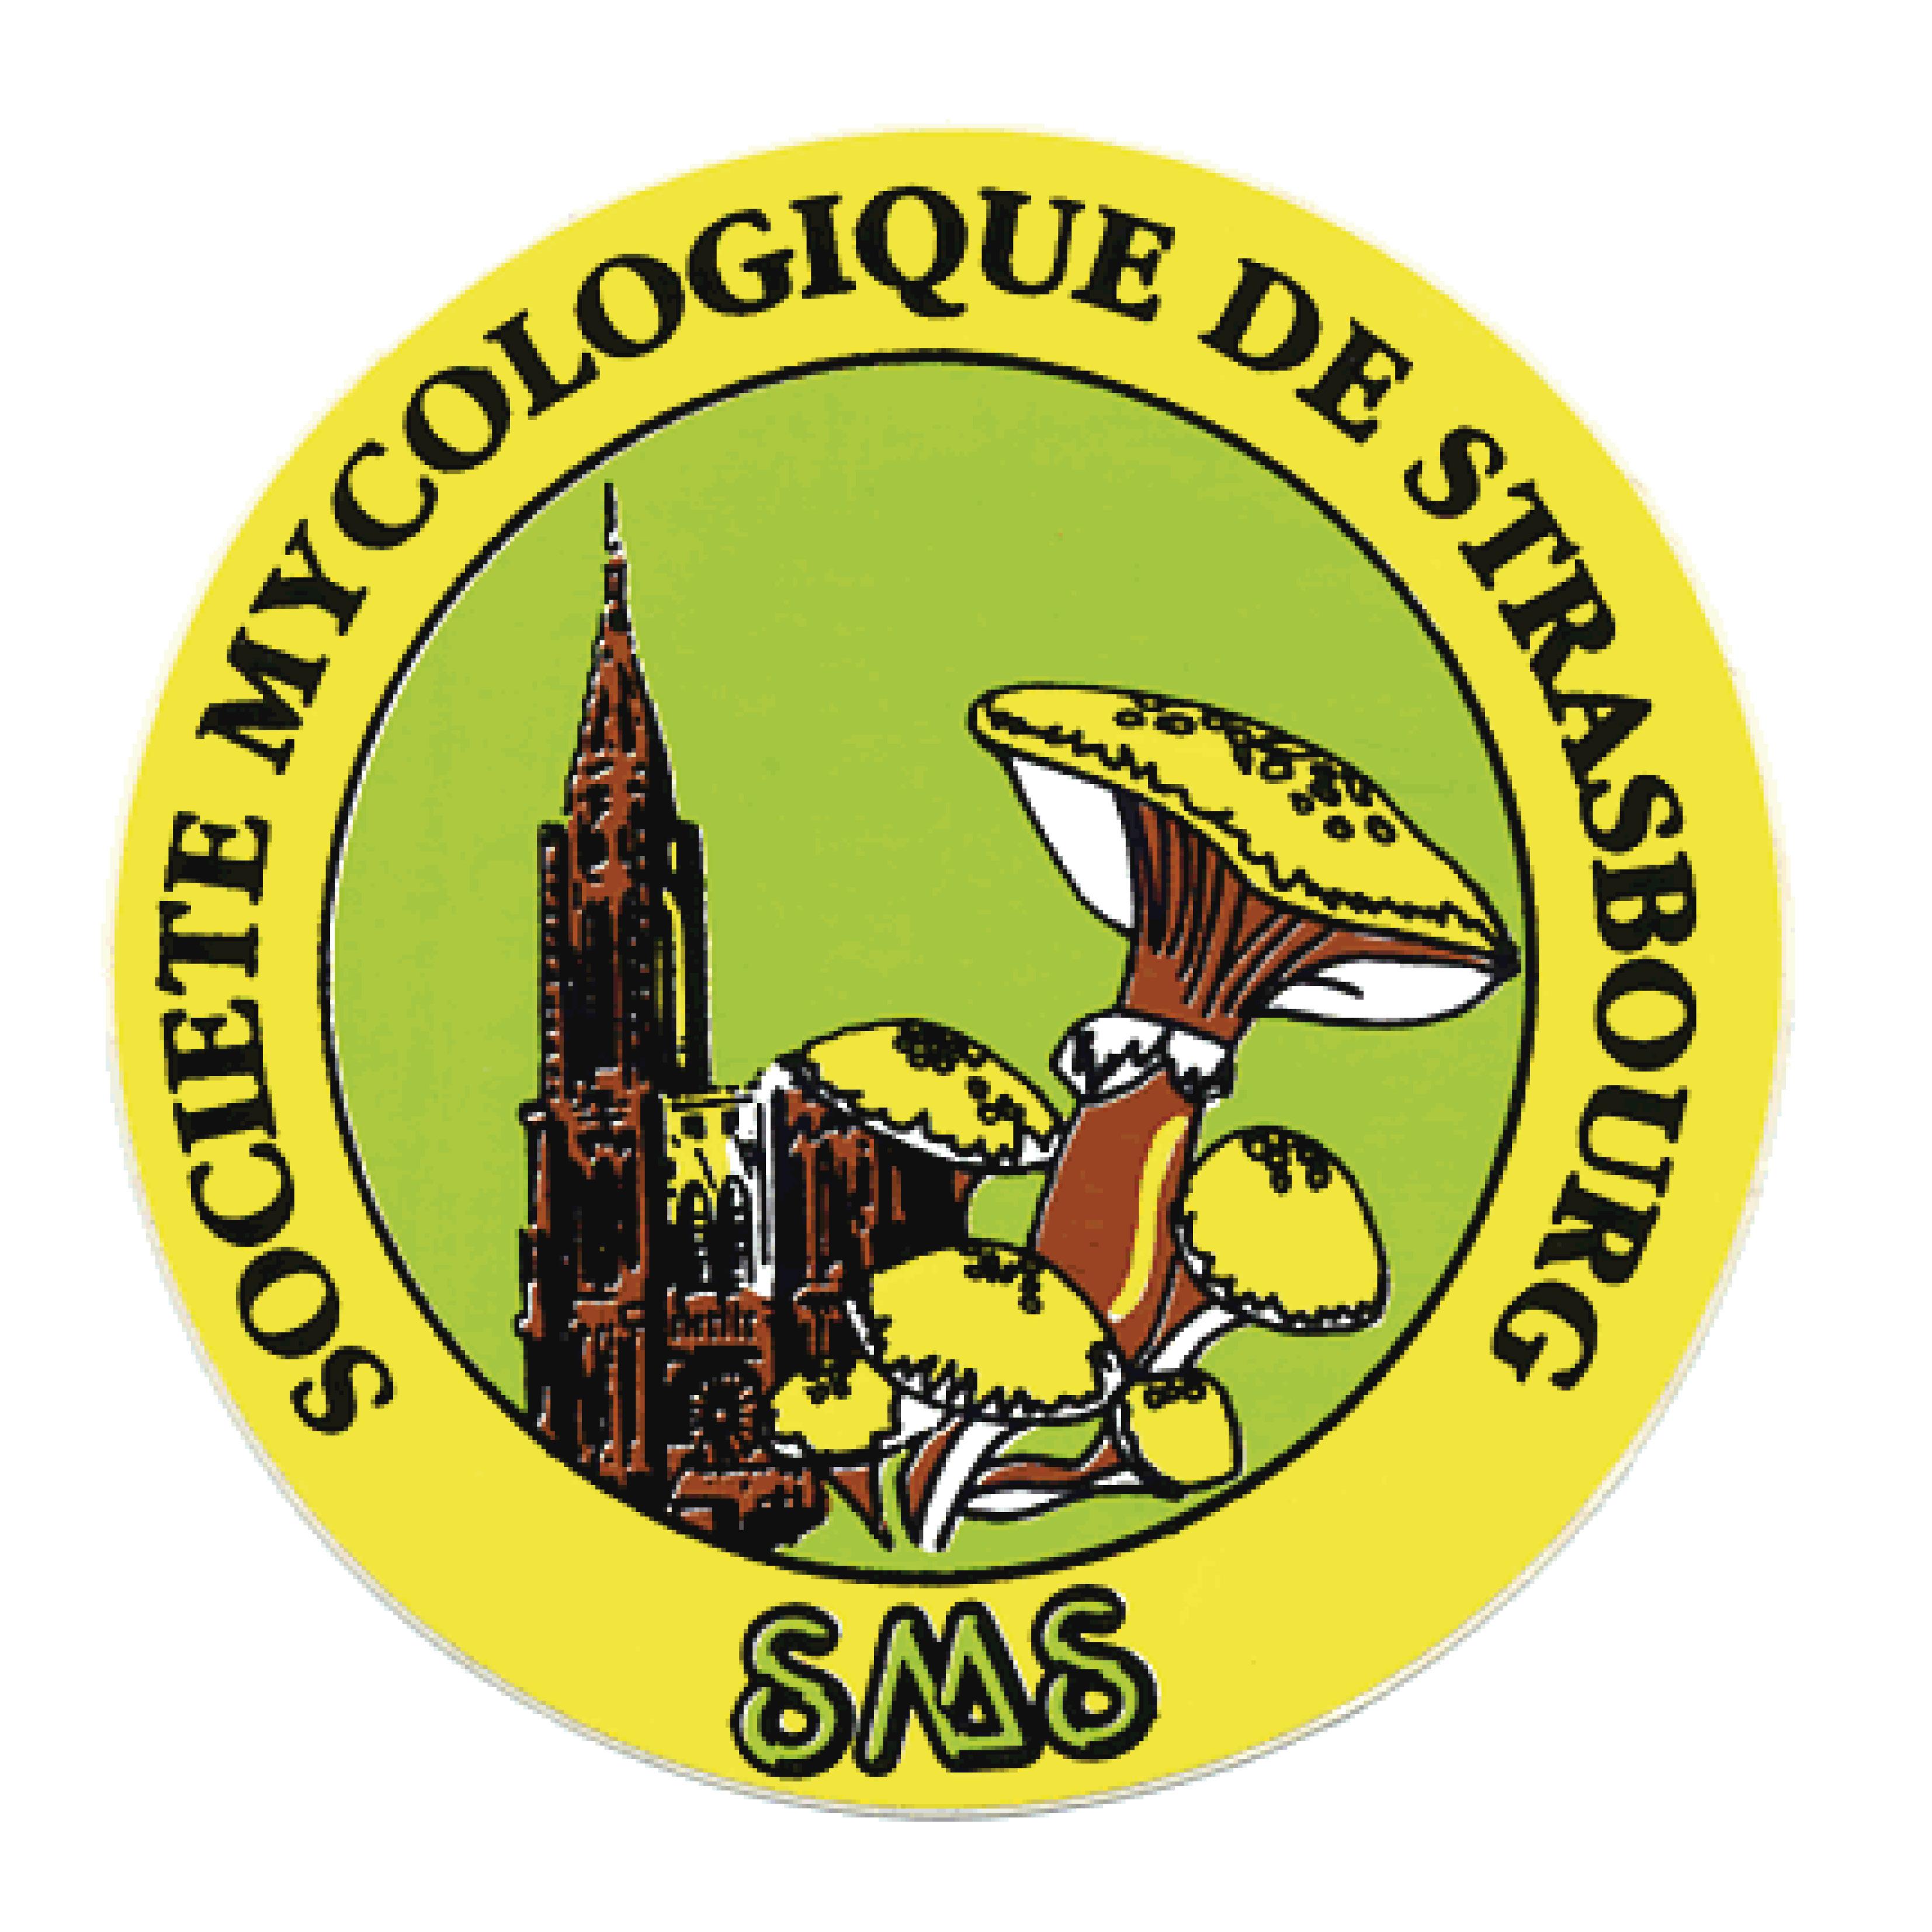 Société Mycologique de Strasbourg (SMS)